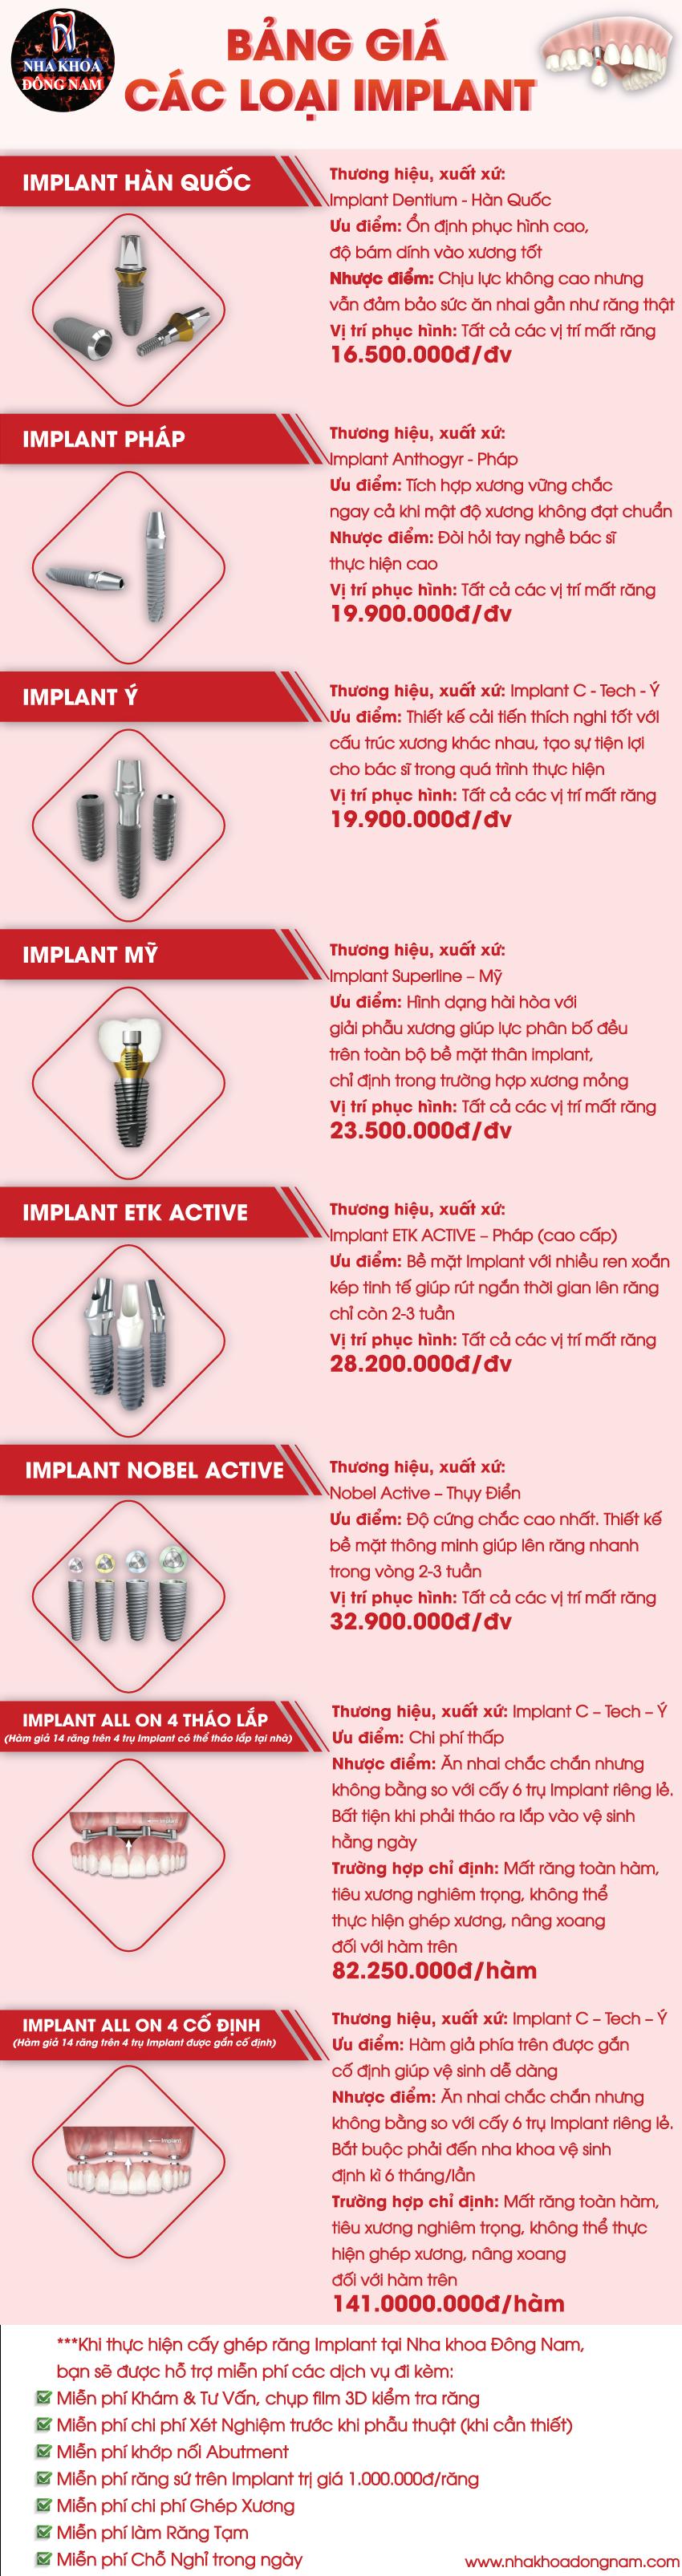 Bảng giá các loại răng Implant tại nha khoa Đông Nam